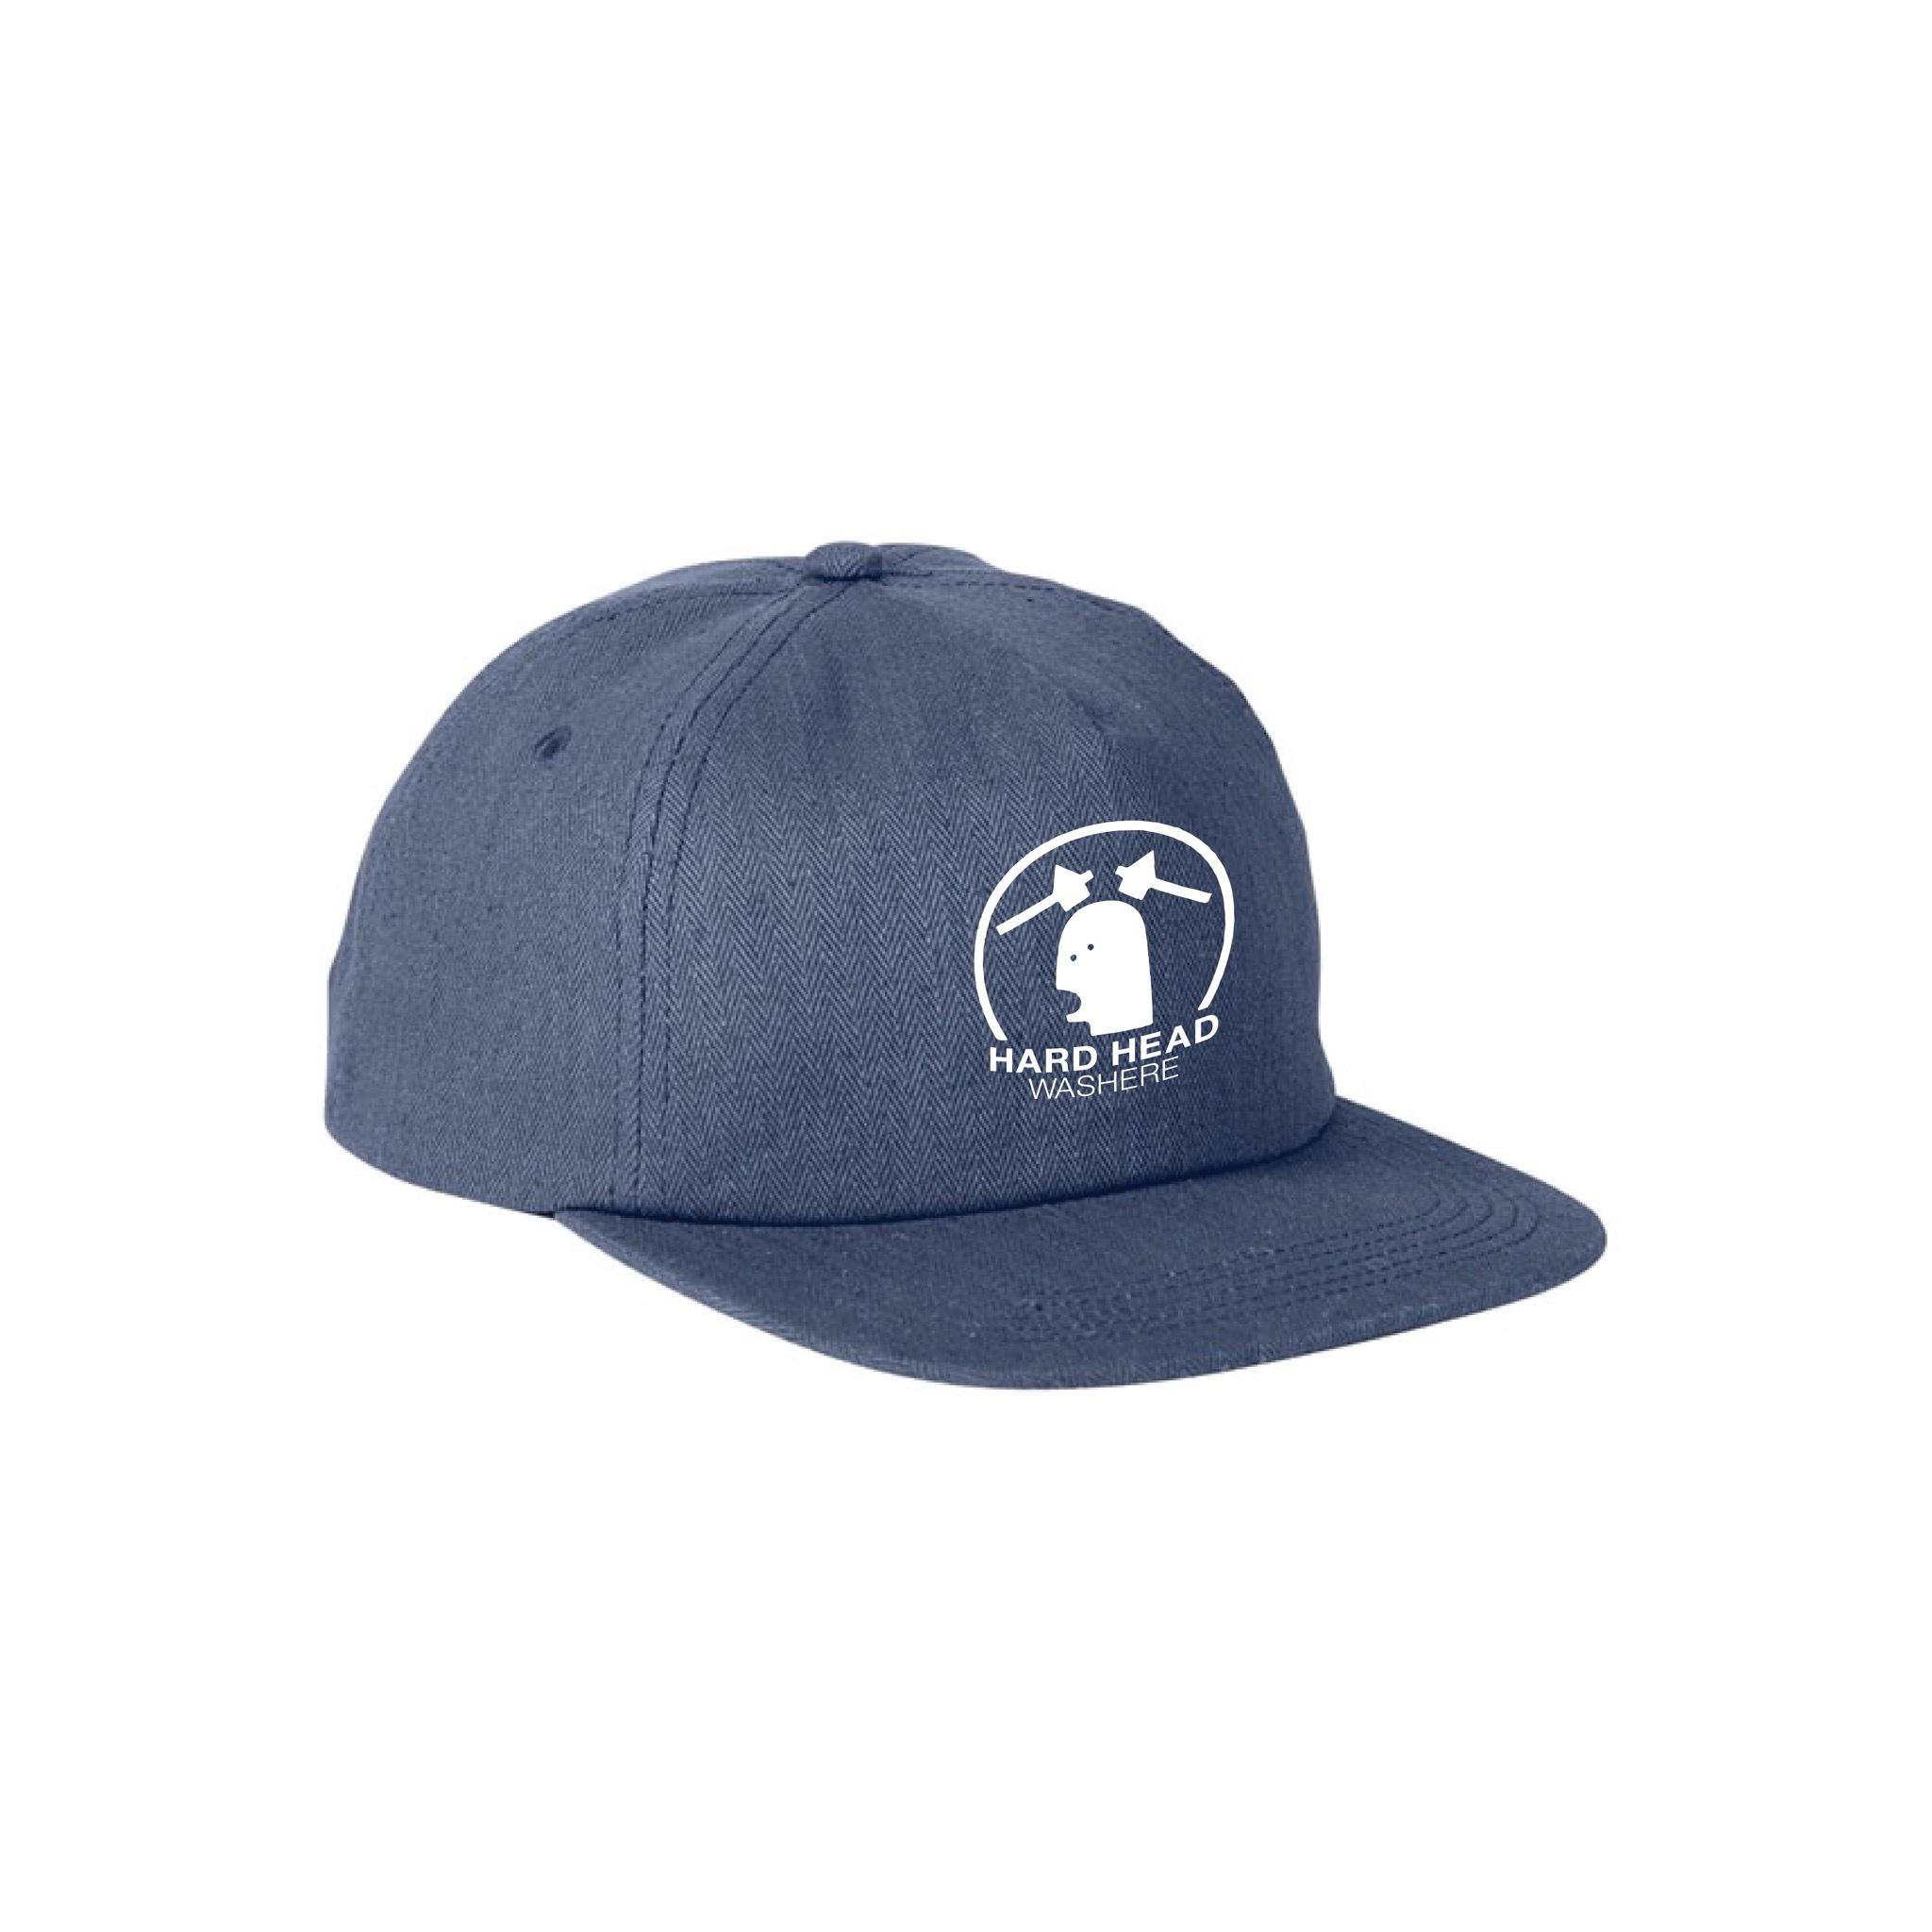 WasHere HARDHEAD HERRINGBONE CAP